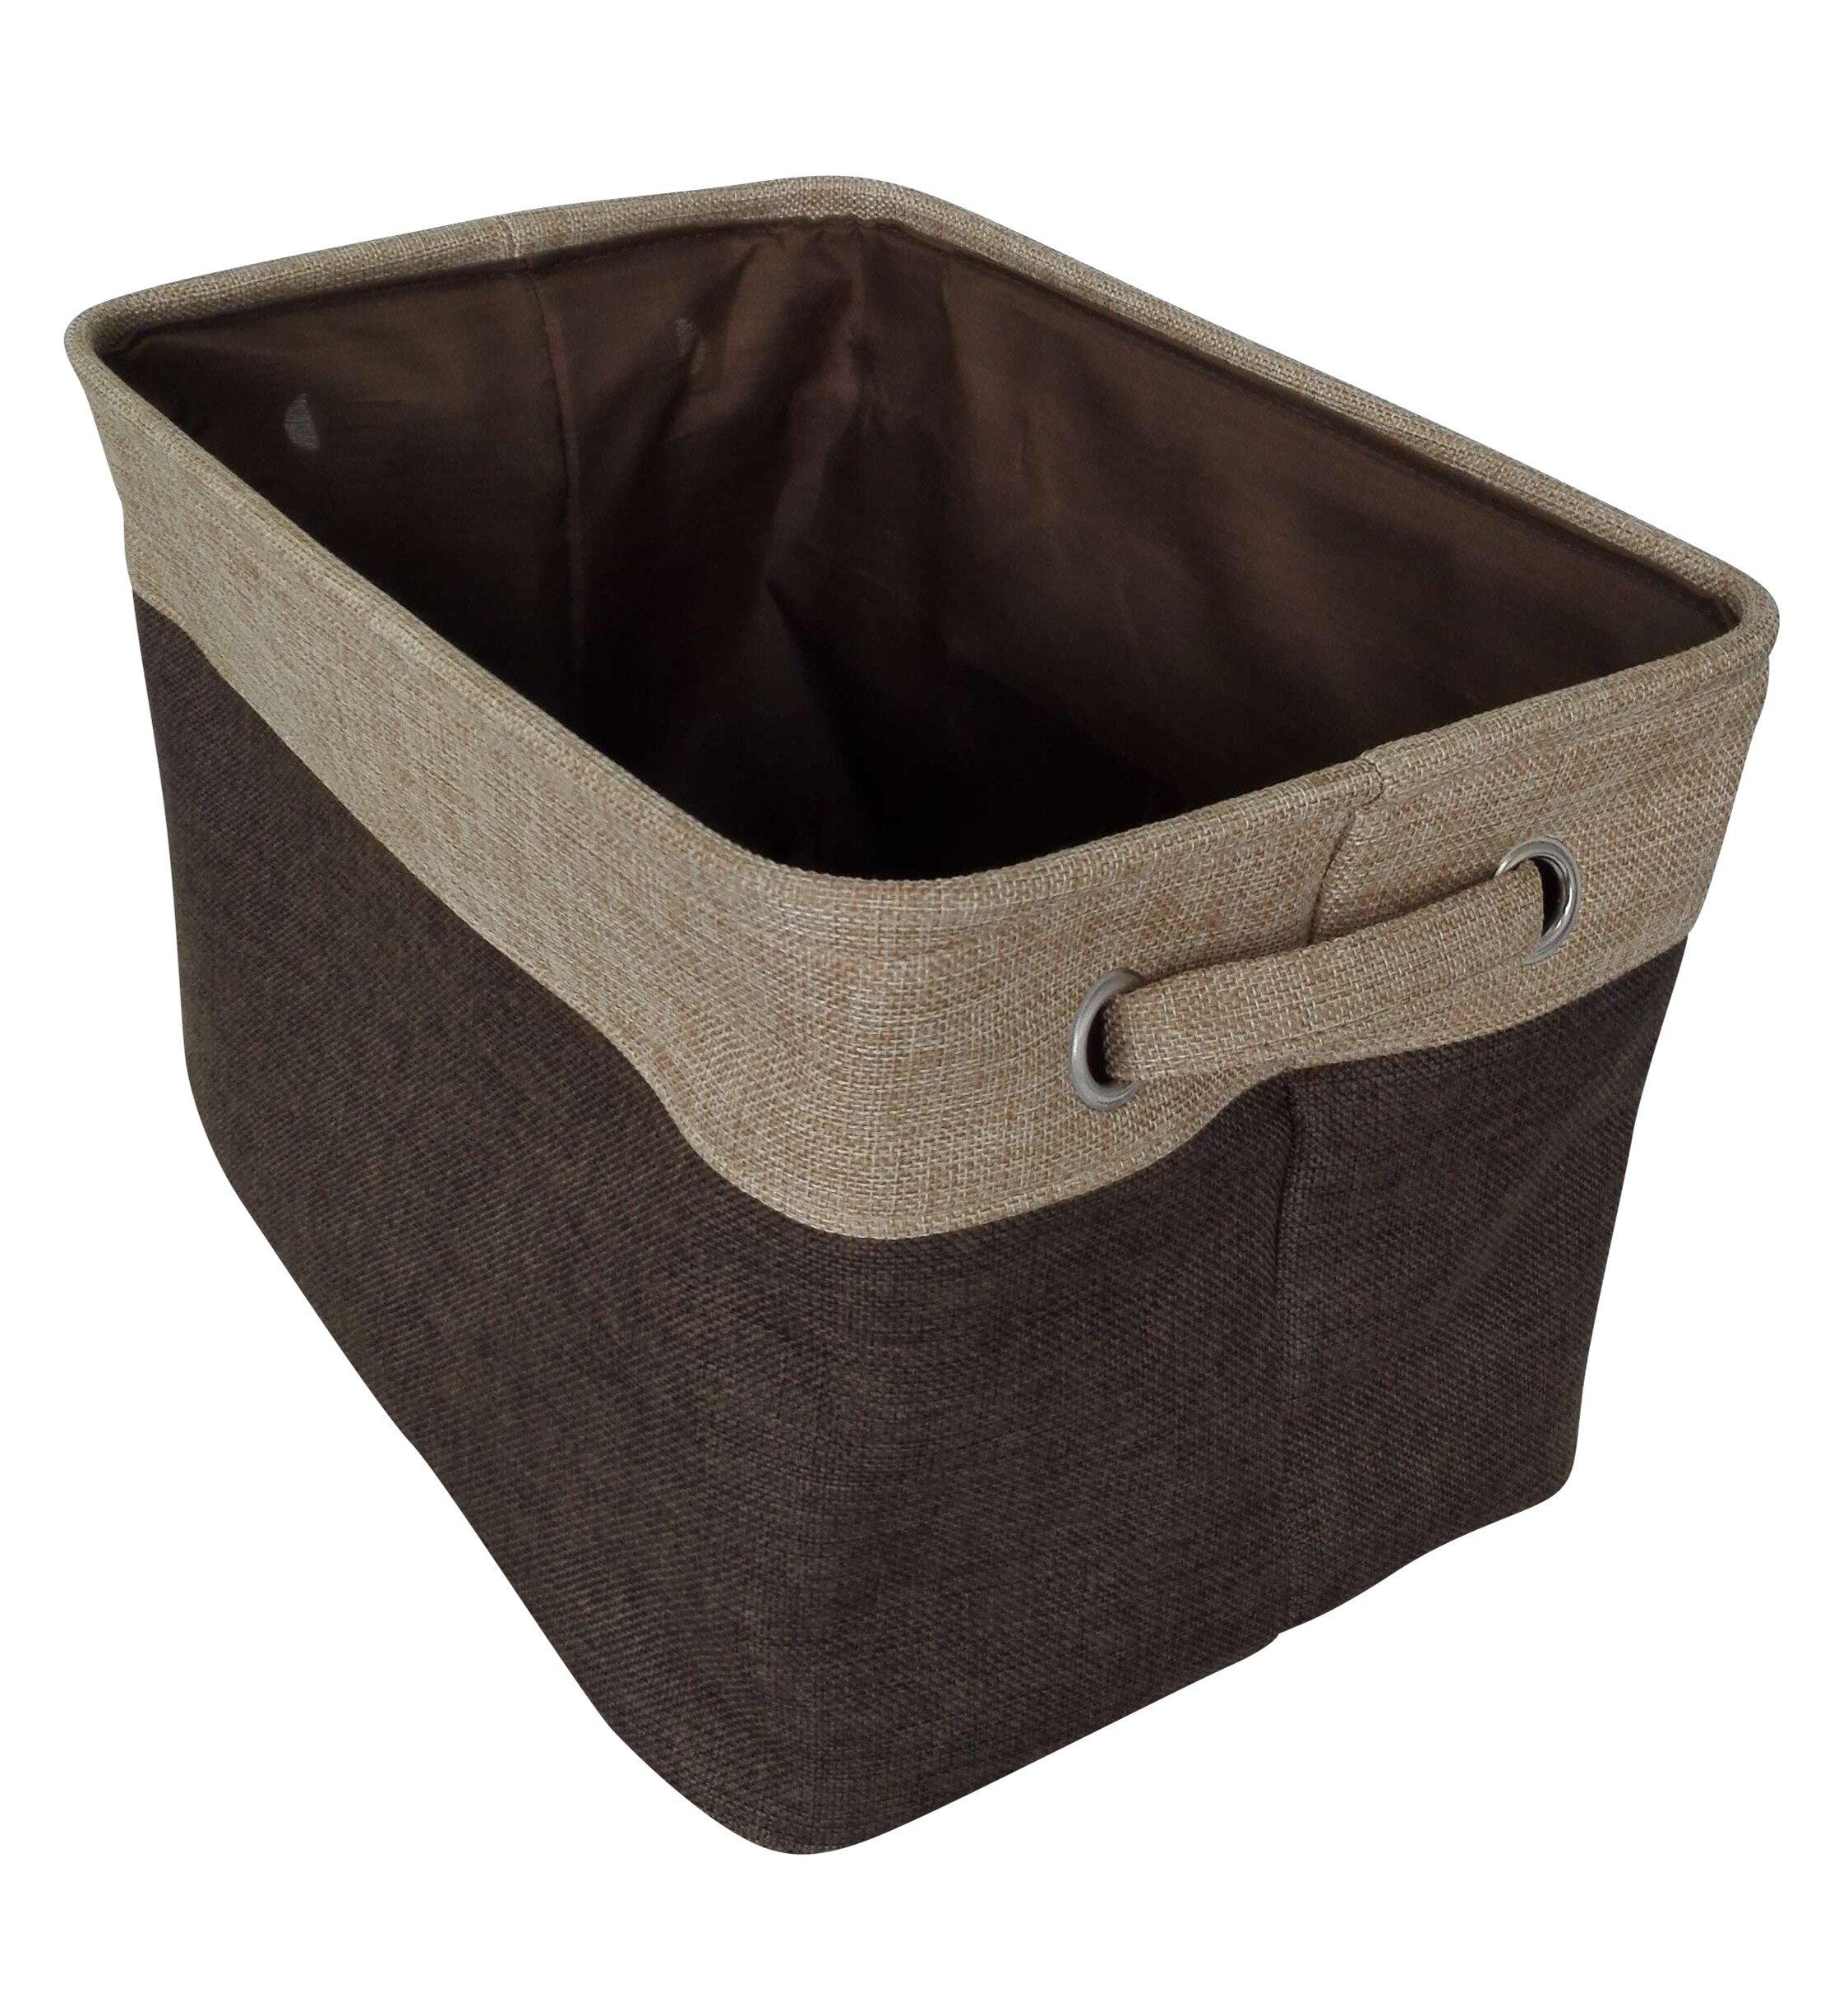 Rectangular Storage Bin Organizer Decorative Collapsible Basket with Handles Toy Storage Kids Basket Baby Bin Home Organizer, Brown by Songsongstore